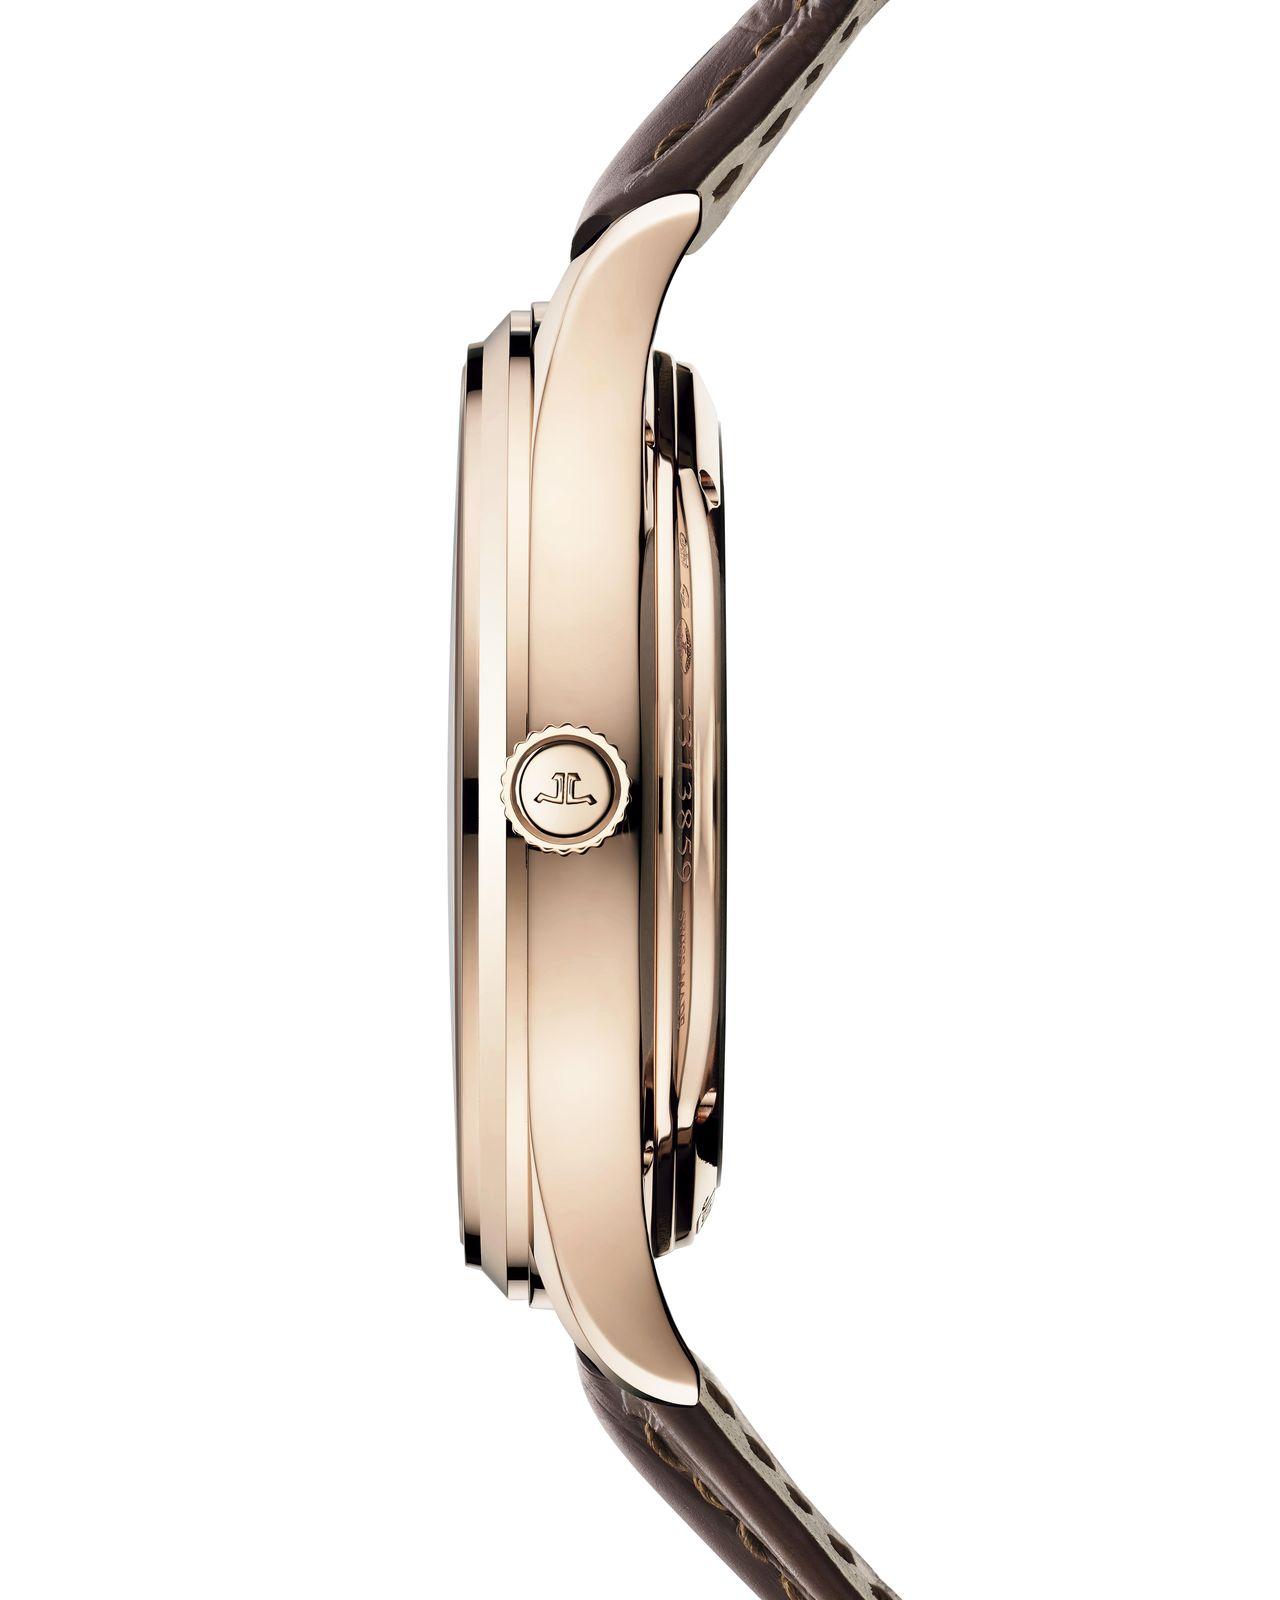 Jaeger-LeCoultre Master Ultra Thin Tourbillon - a ultra thintől azért elég messze van